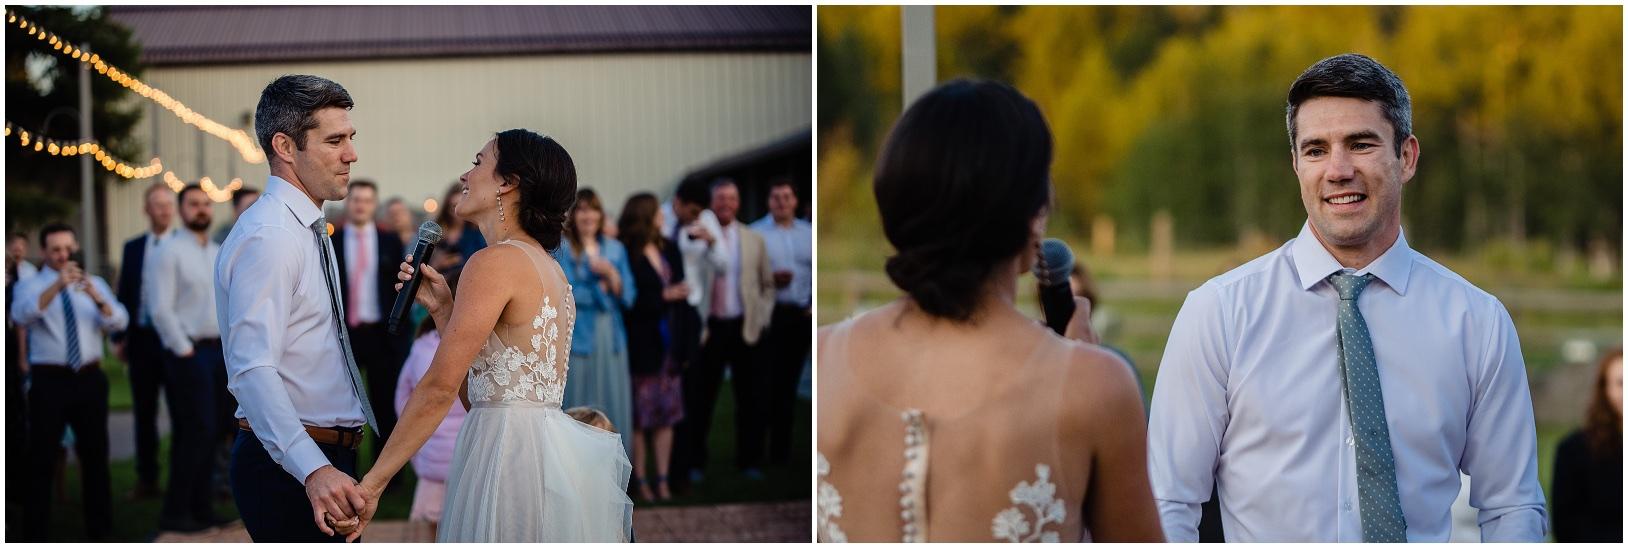 lindseyjane_weddings0148.jpg